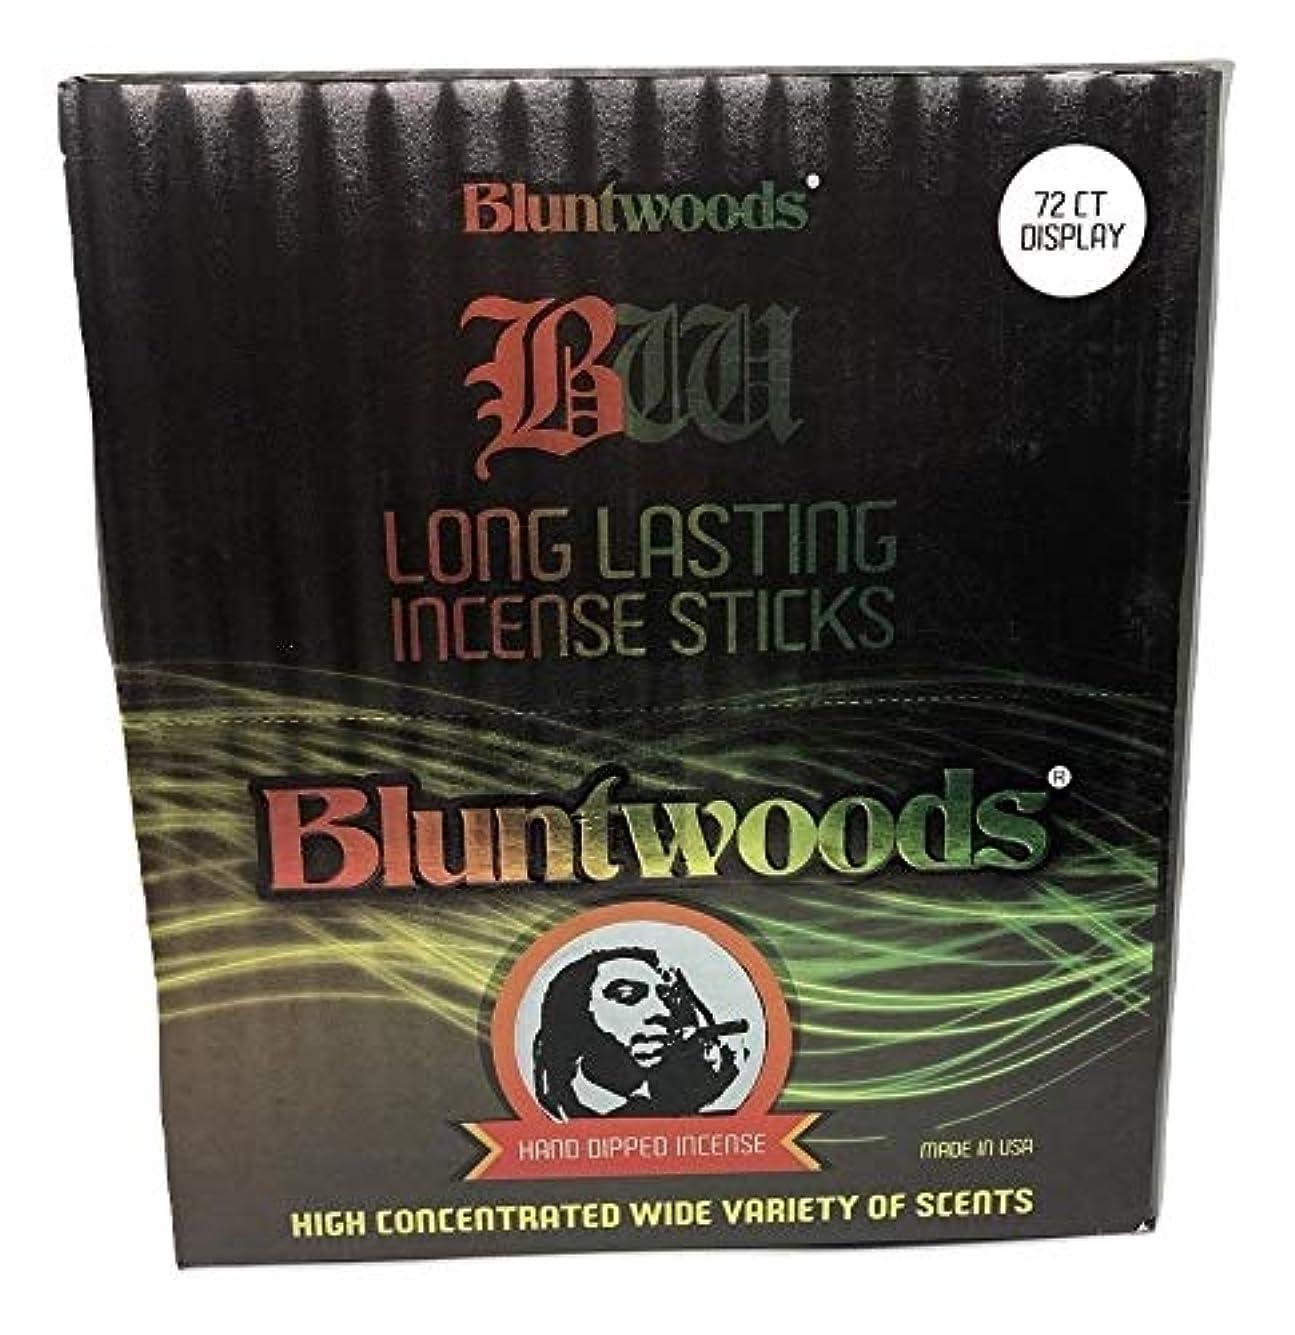 BLUNTWOODS Blunt Woods 手染め お香ディスプレイ (72カウントアスト) 合計864 お香スティック